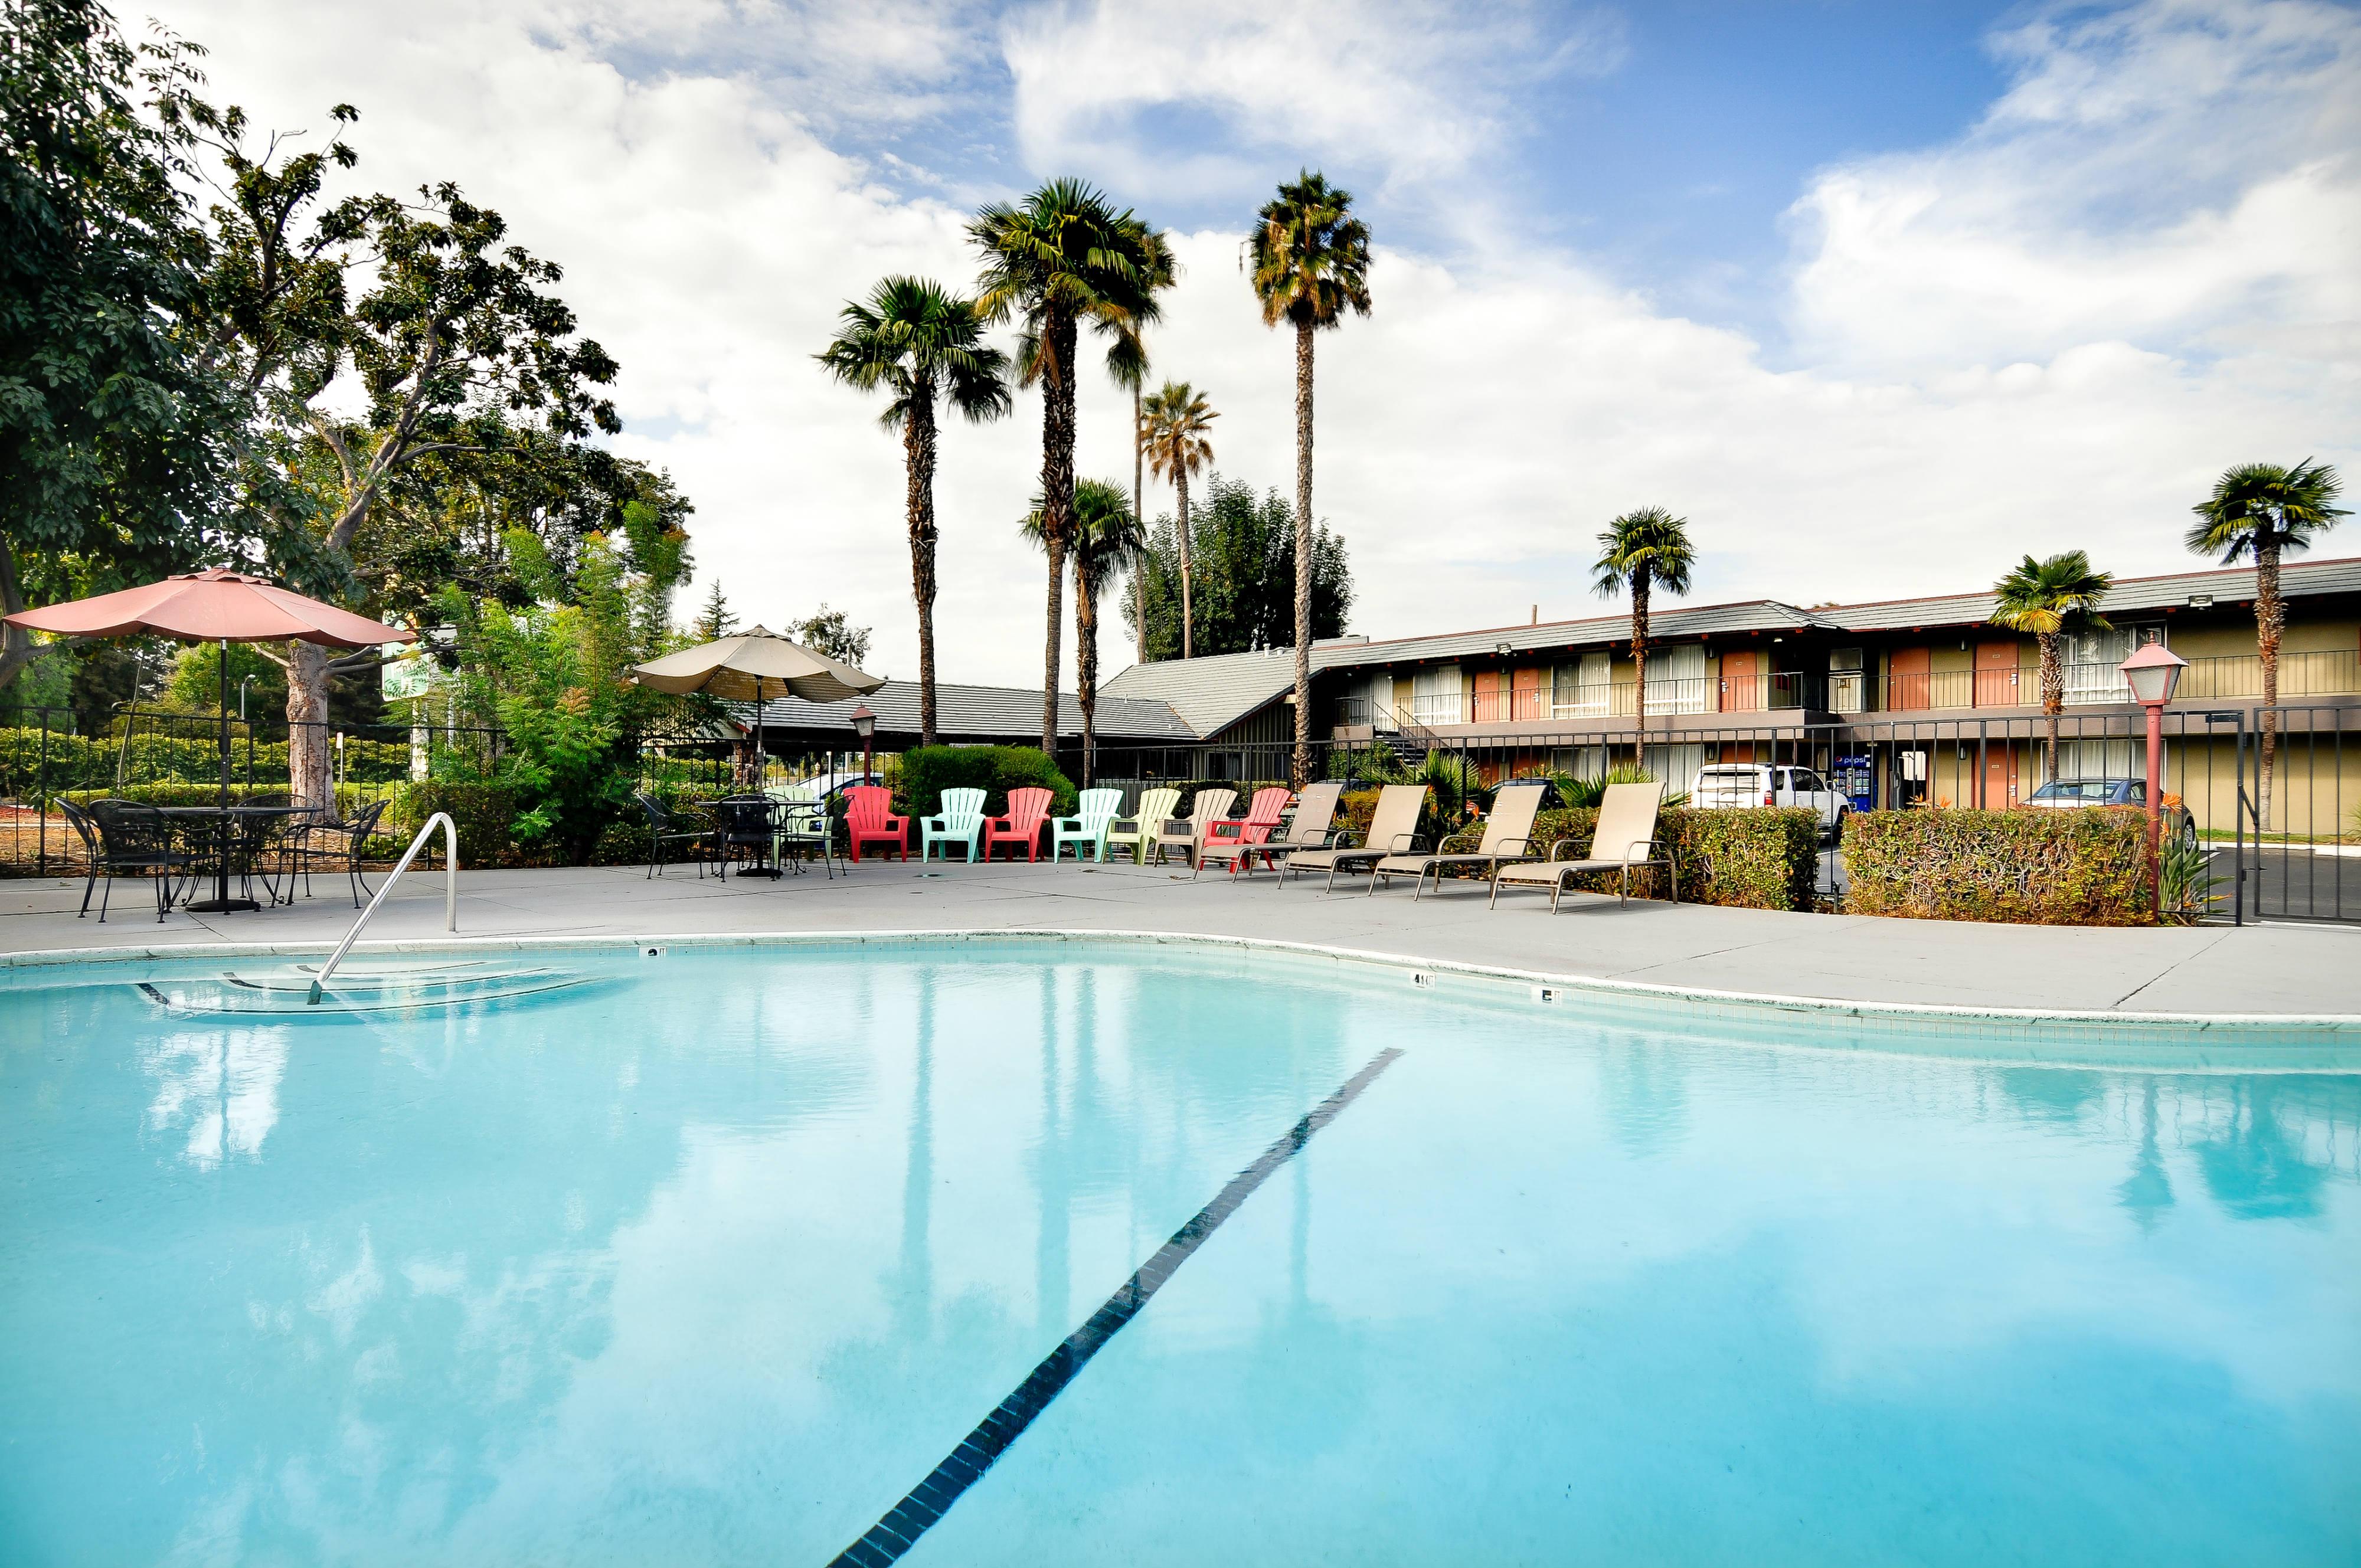 Vagabond Inn - Sunnyvale